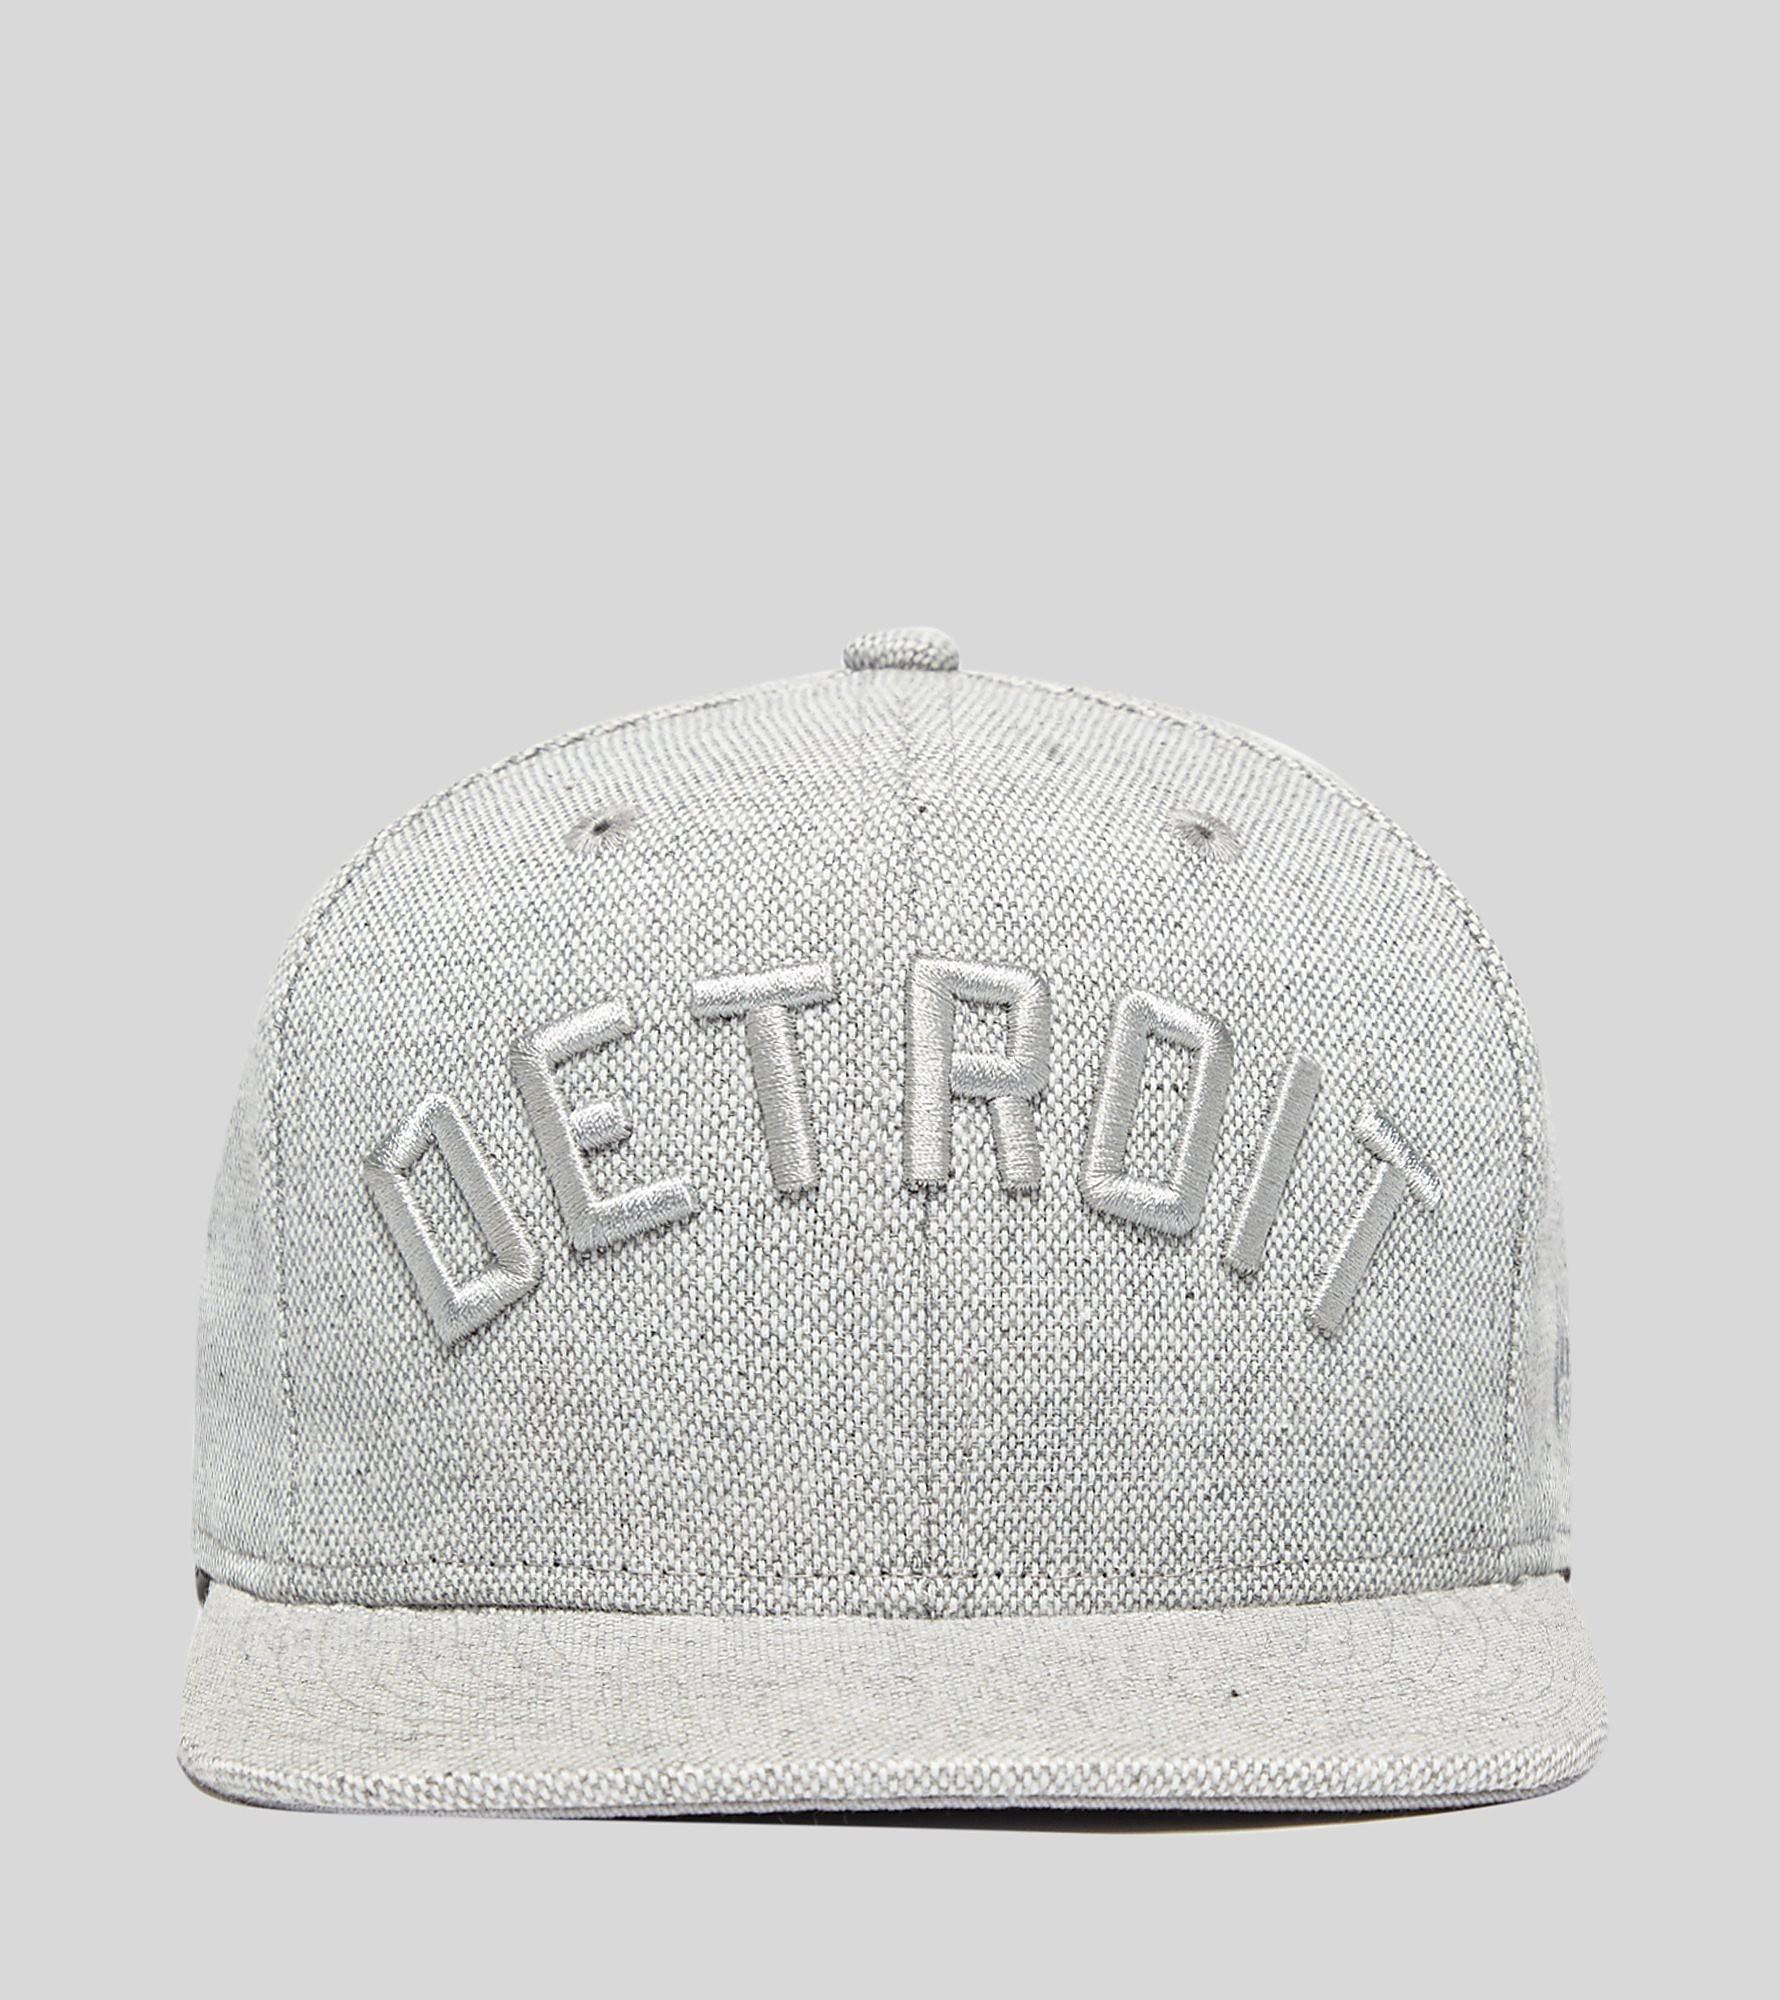 New Era 9FIFTY Detroit Cap